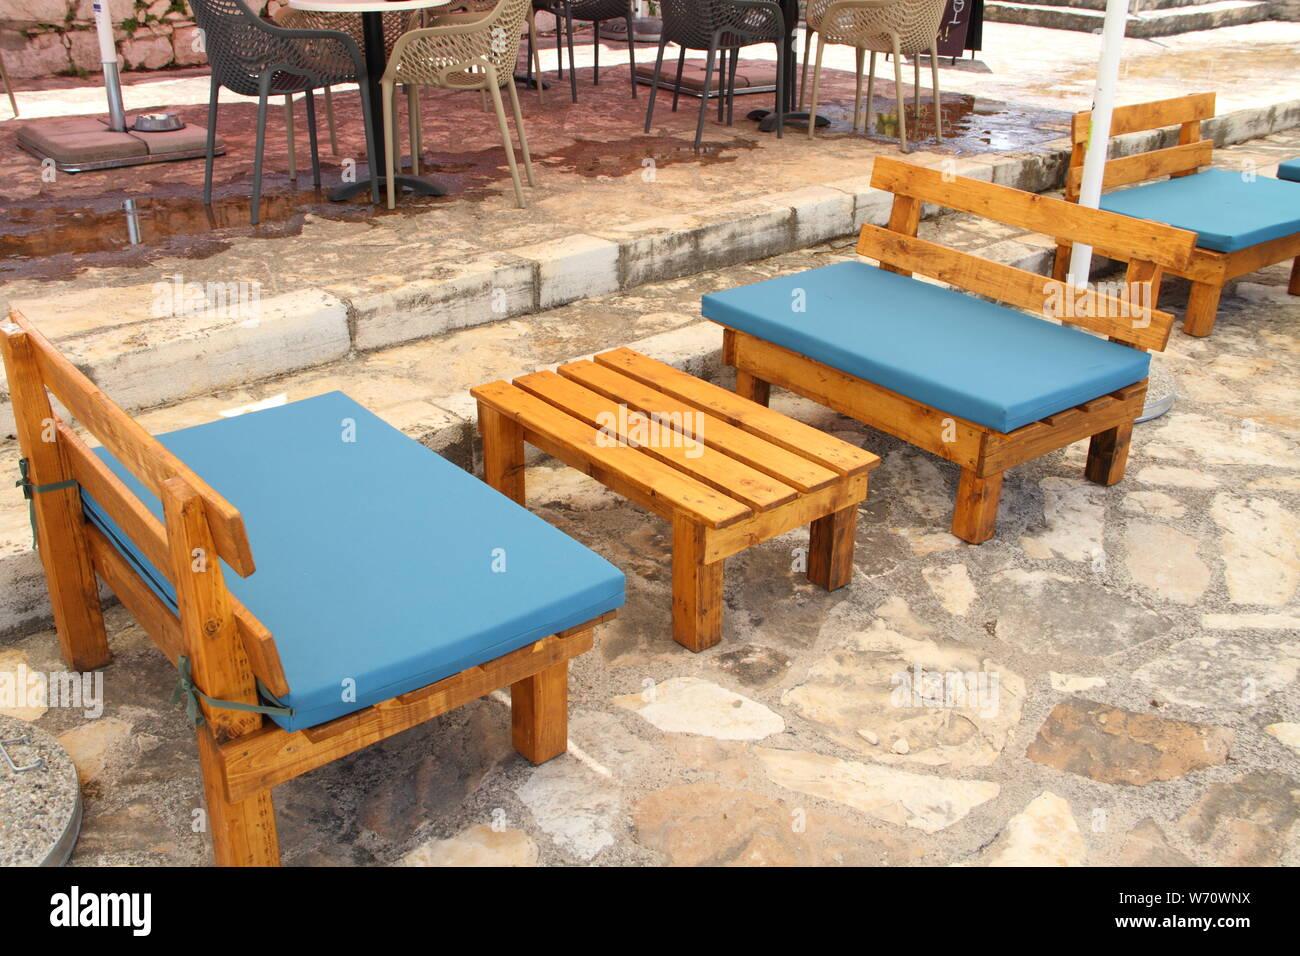 Sofa Aus Paletten Stockfotos & Sofa Aus Paletten Bilder - Alamy